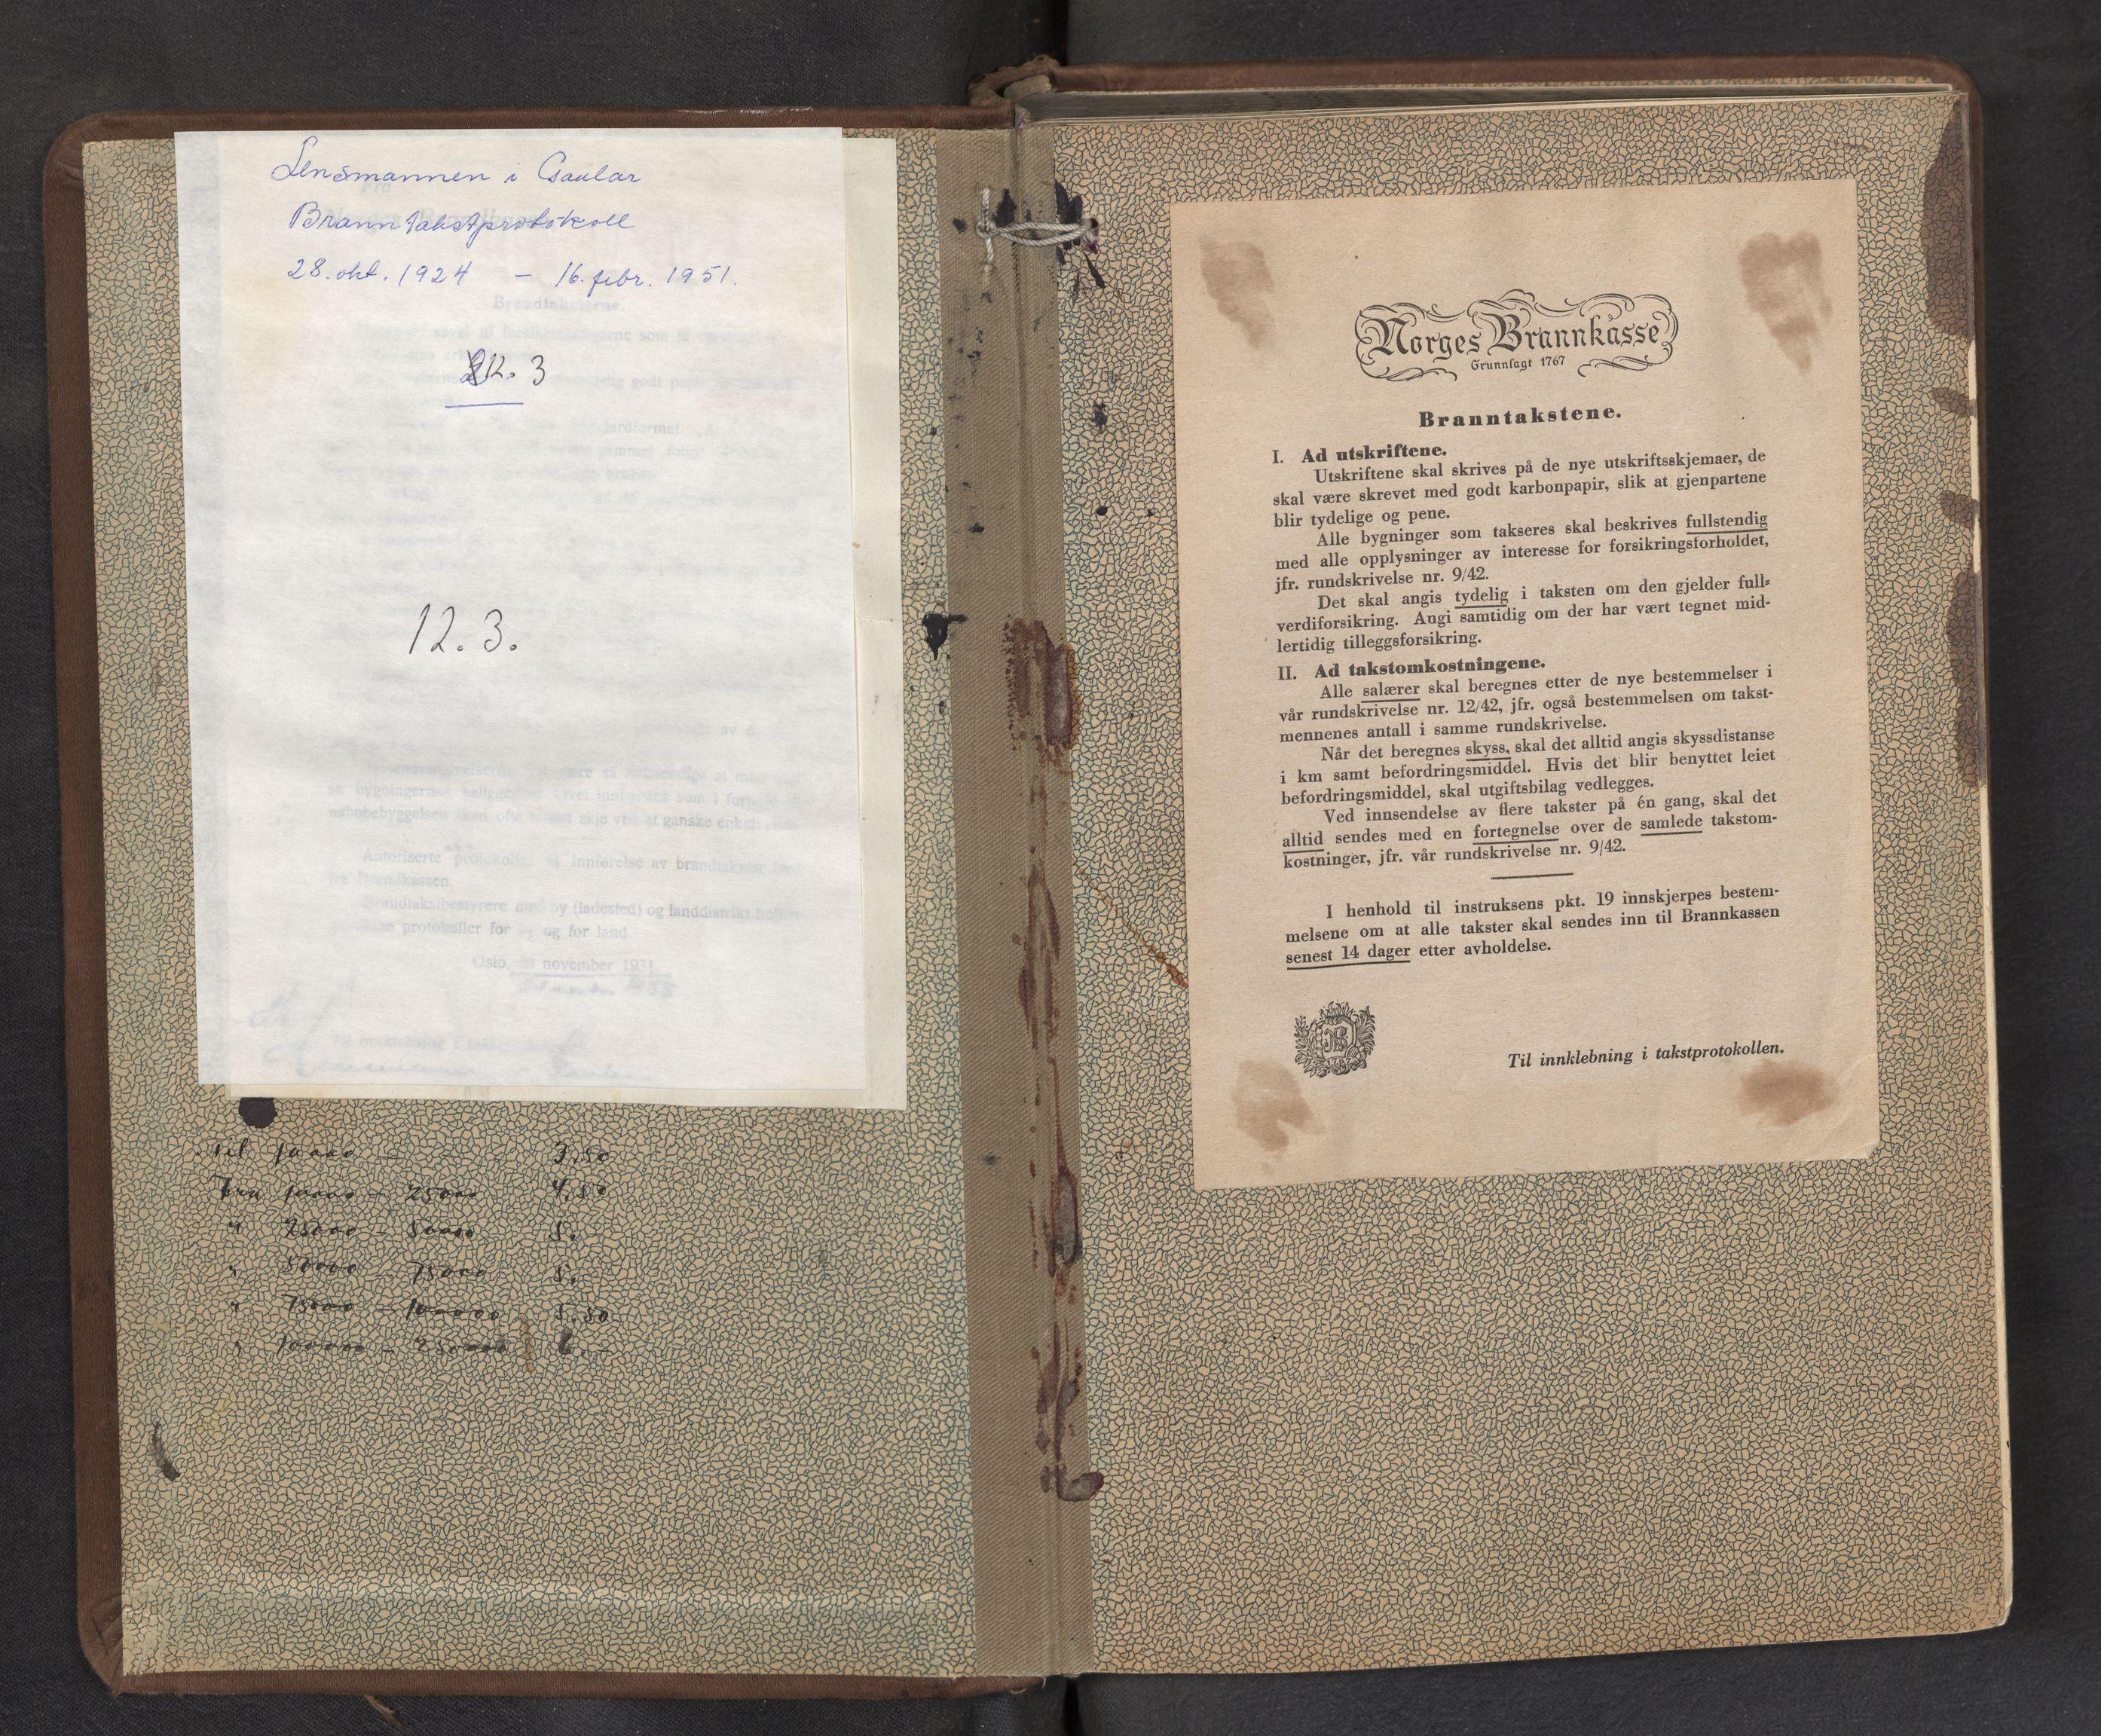 SAB, Lensmannen i Gaular, 0012/L0003: Branntakstprotokoll, 1924-1951